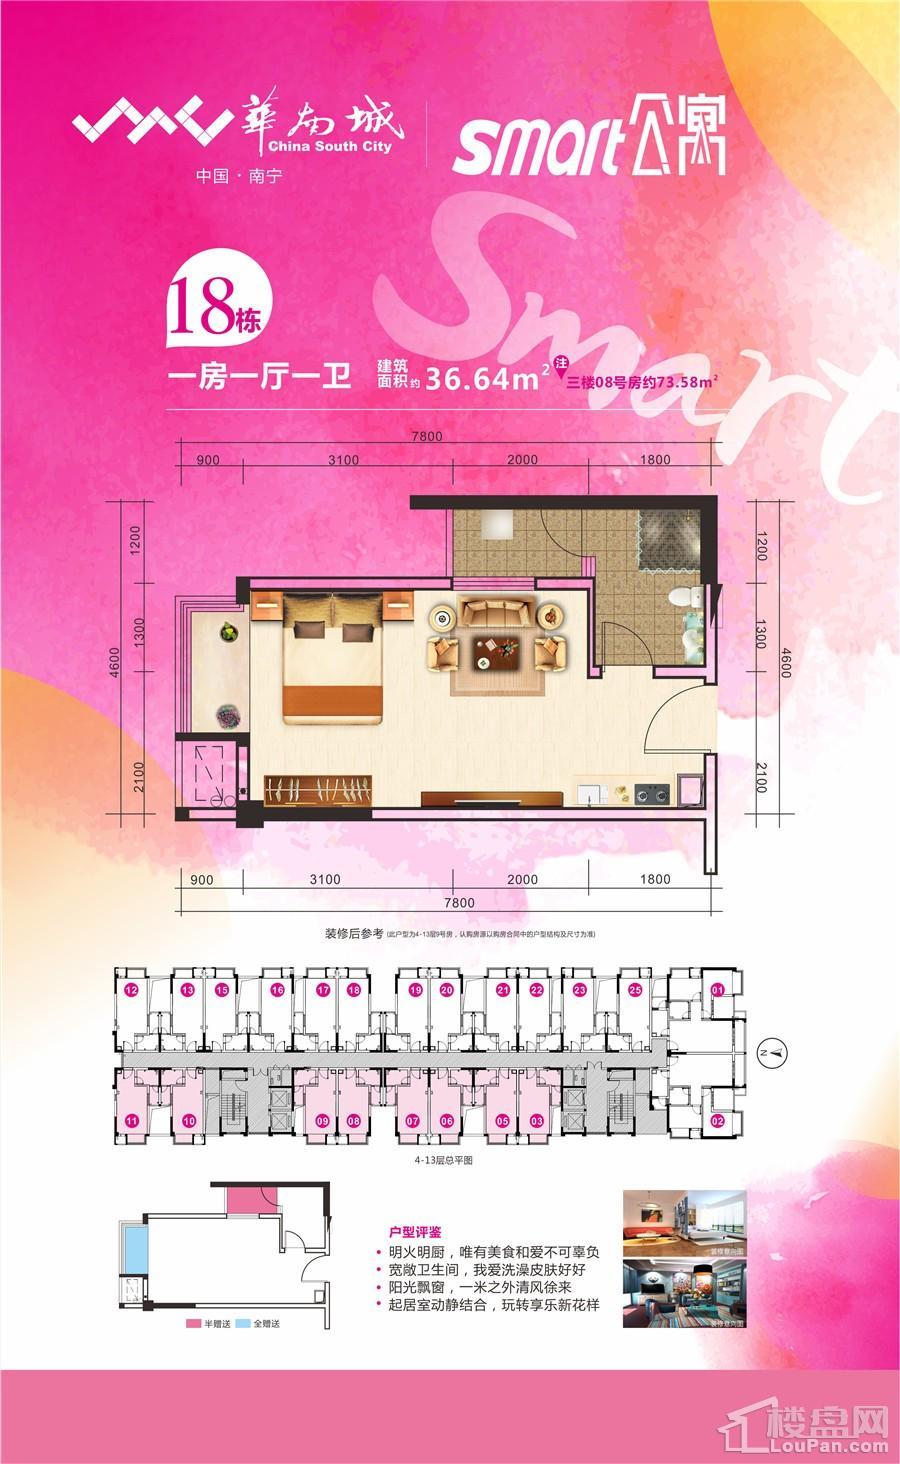 华南城smart公寓18#楼